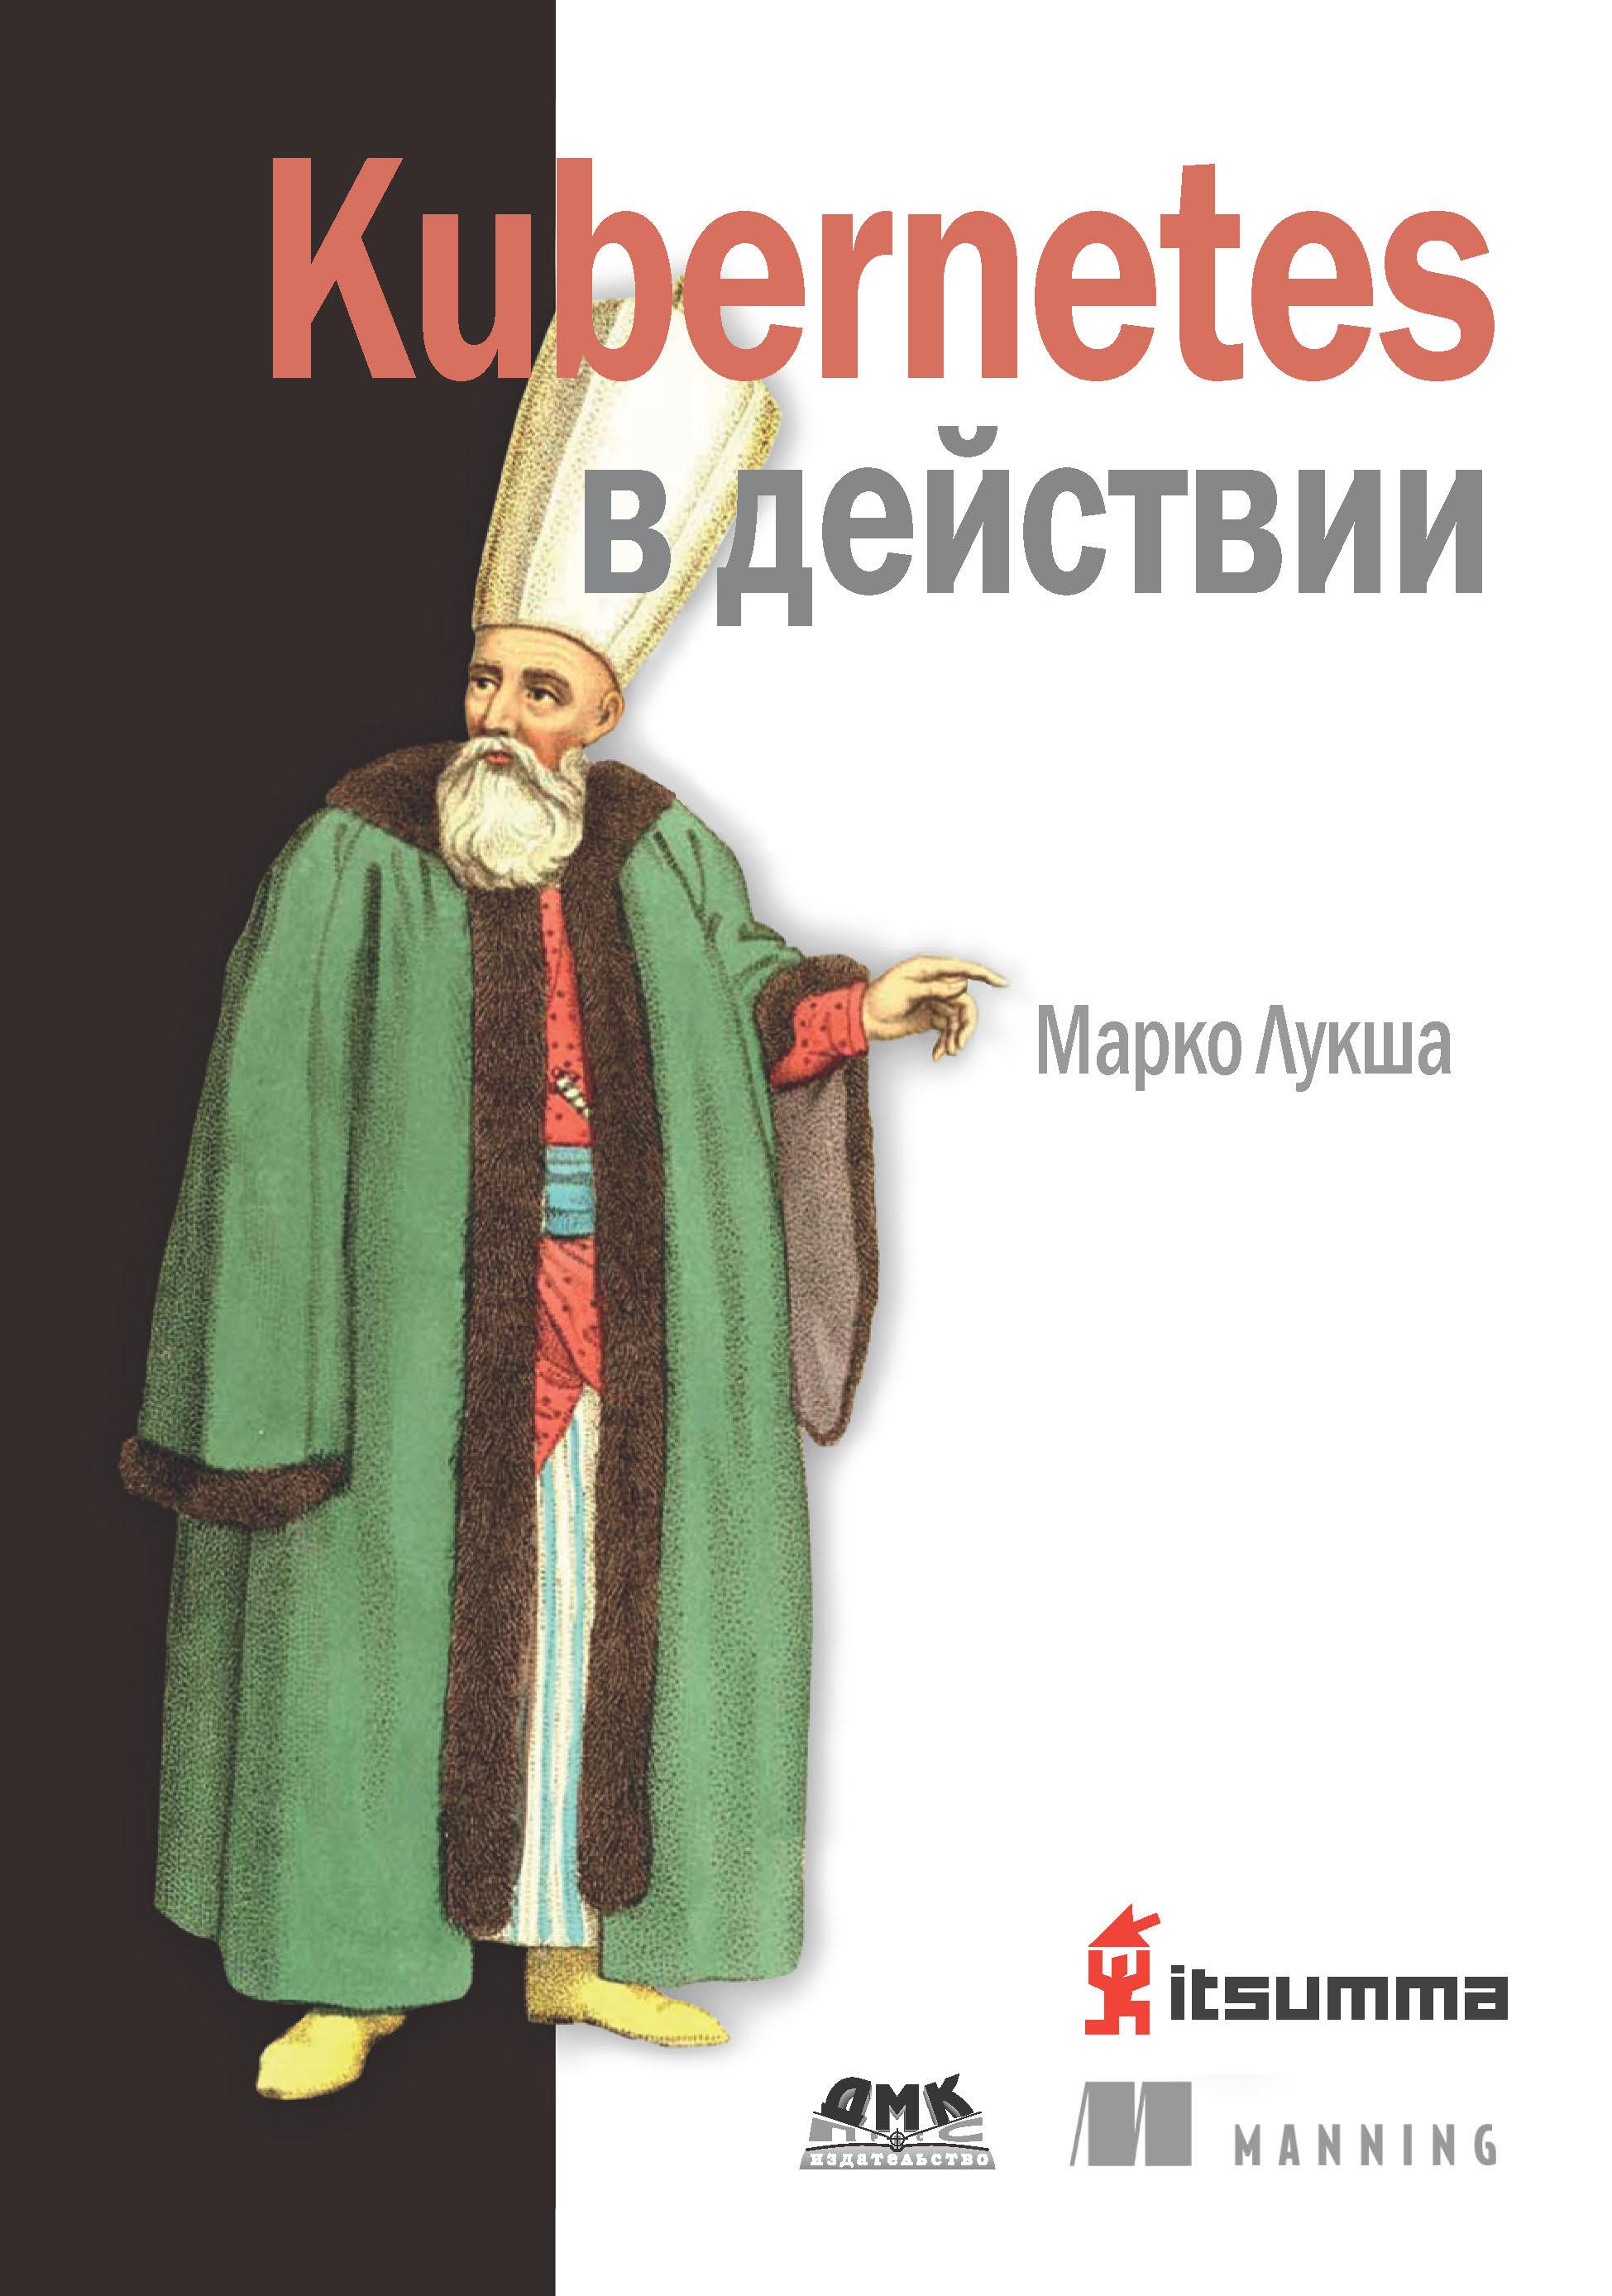 Купить книгу Kubernetes в действии, автора Марко Лукши